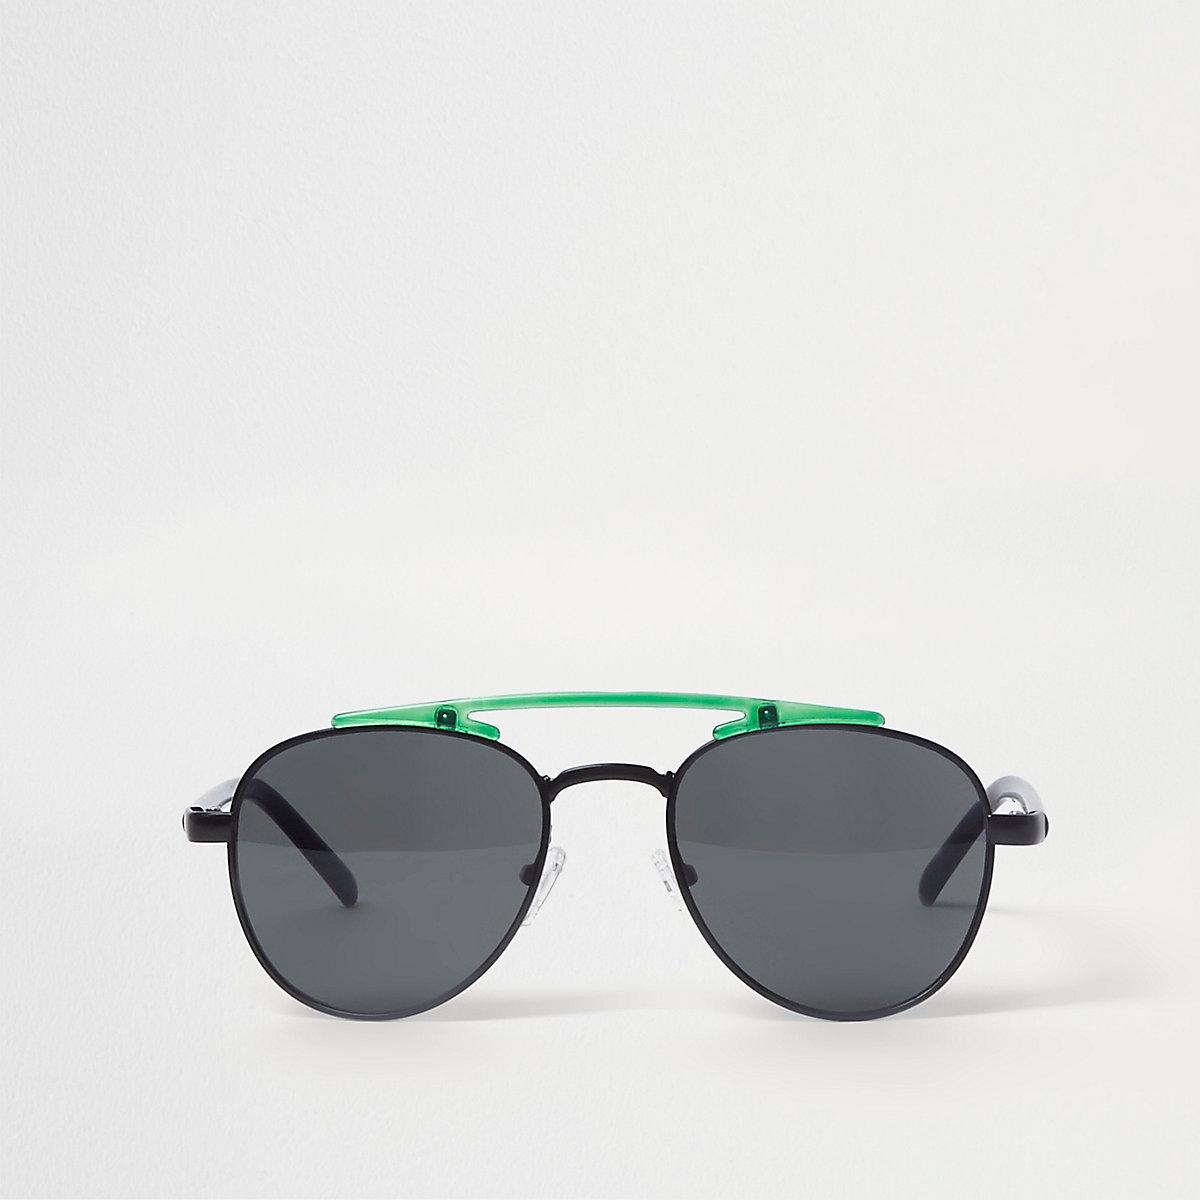 Black lens green brow bar aviator sunglasses